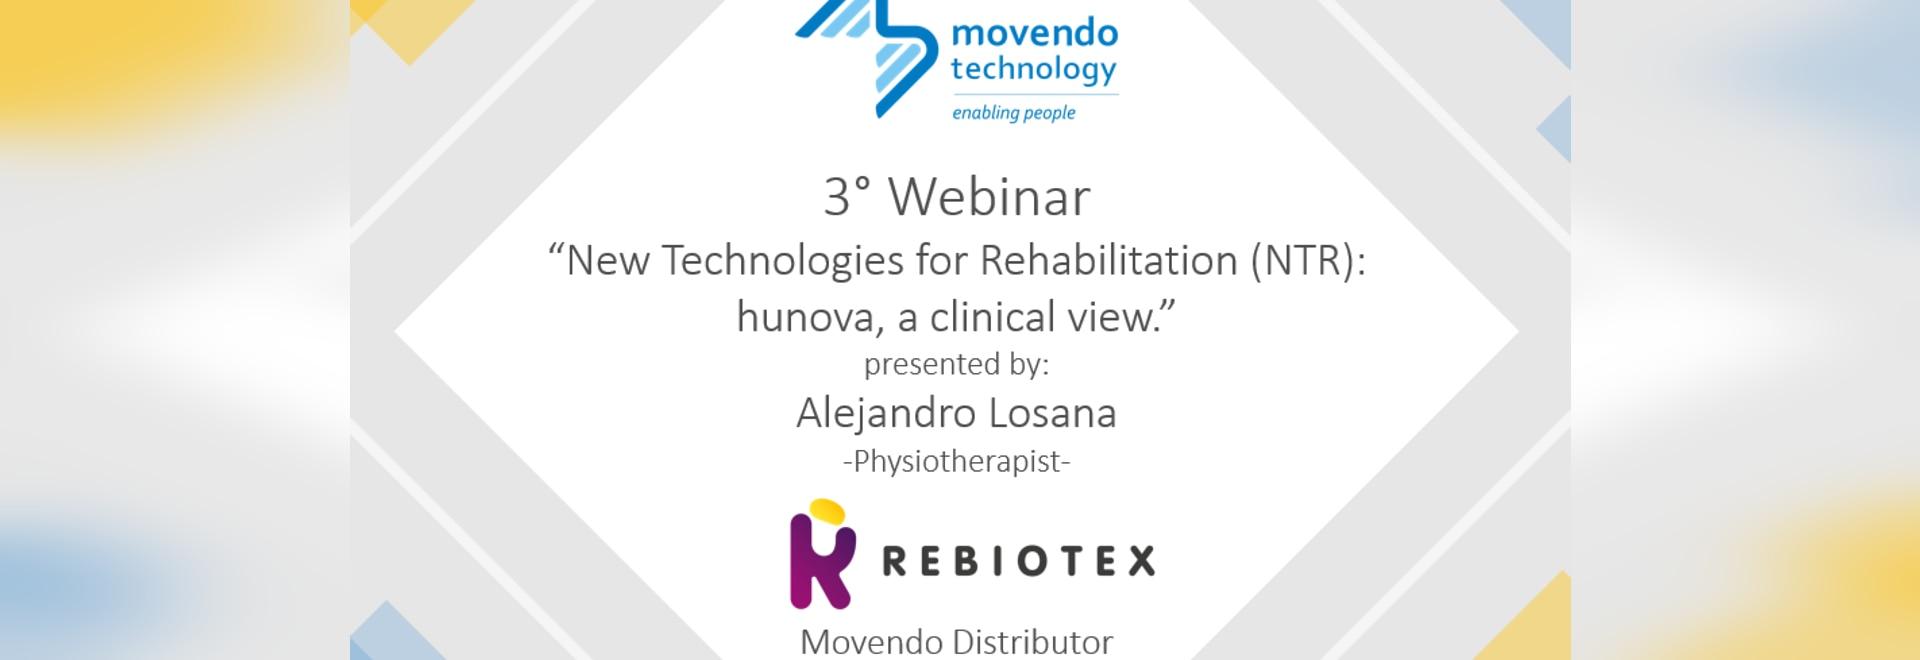 3° Movendo Webinar in collaboration with Rebiotex